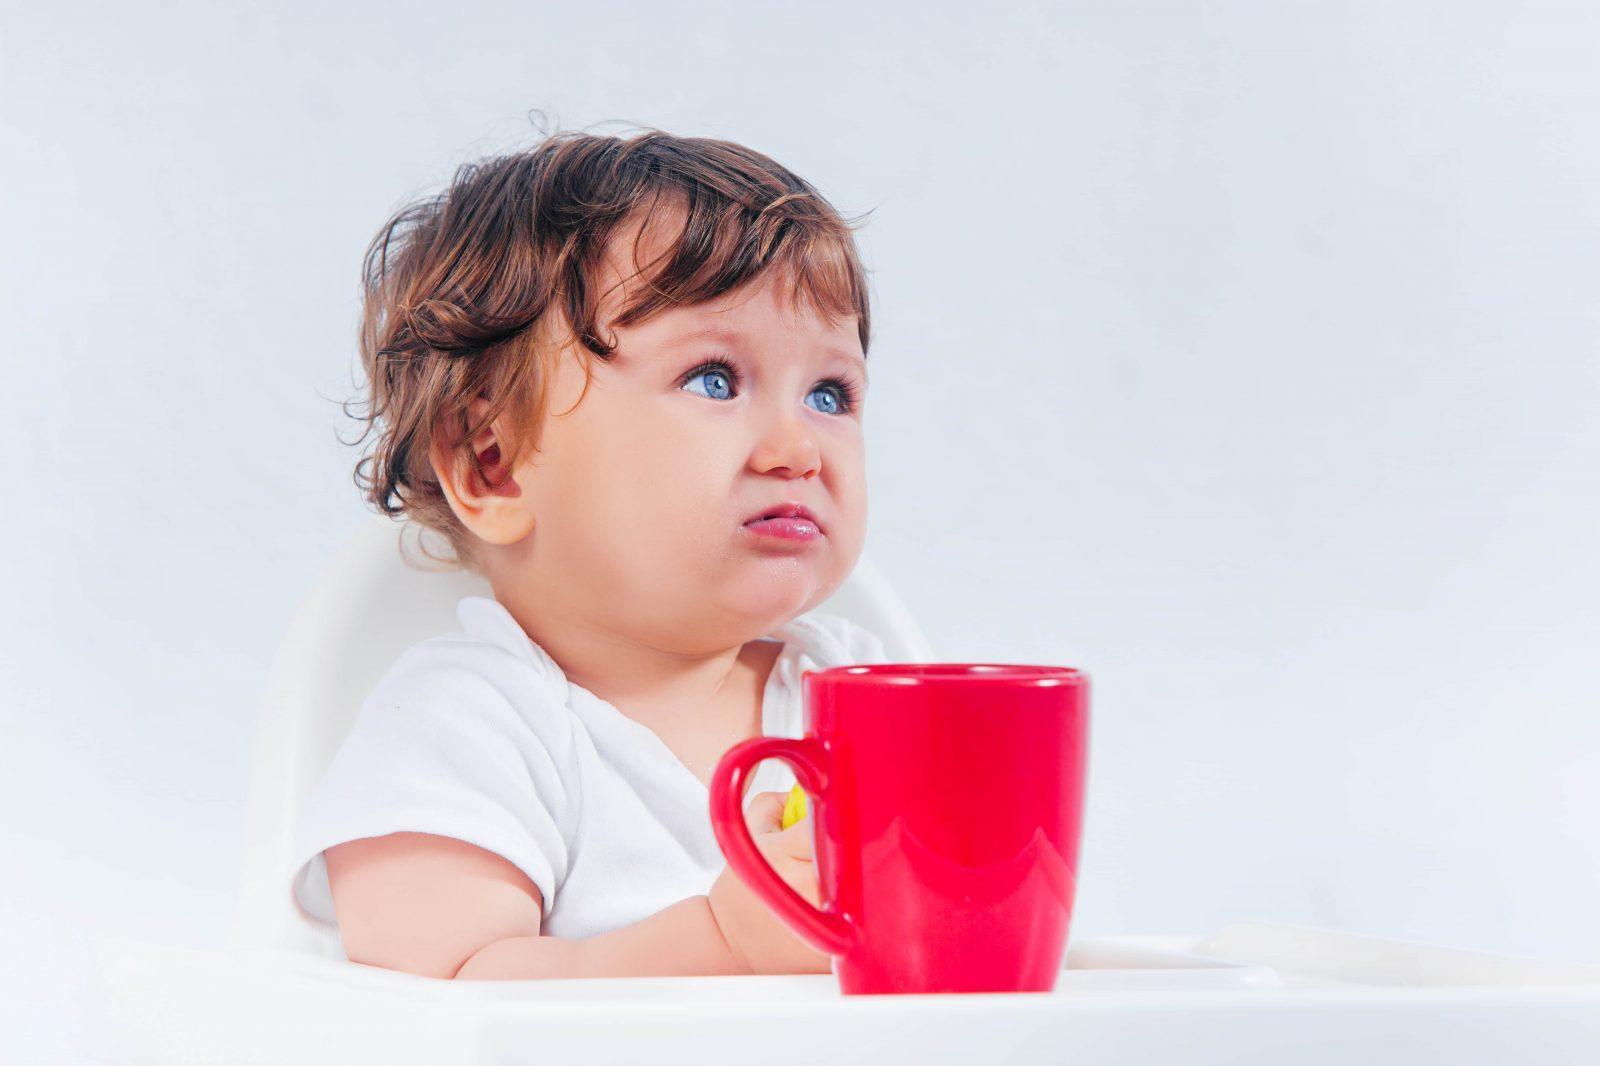 Плохой аппетит у ребенка: что делать? Как накормить малоежку